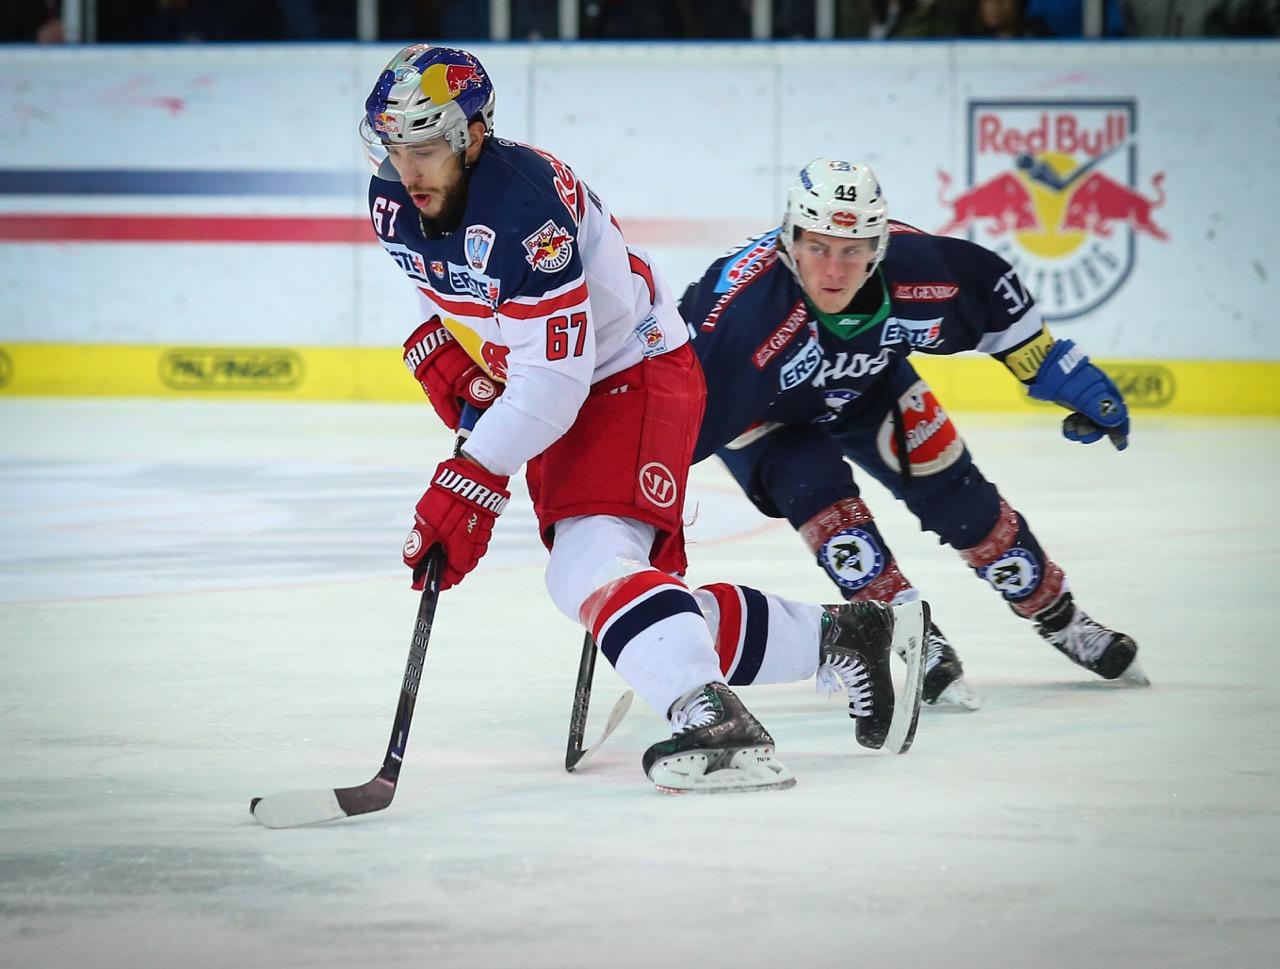 Eishockey Transfergeflüster